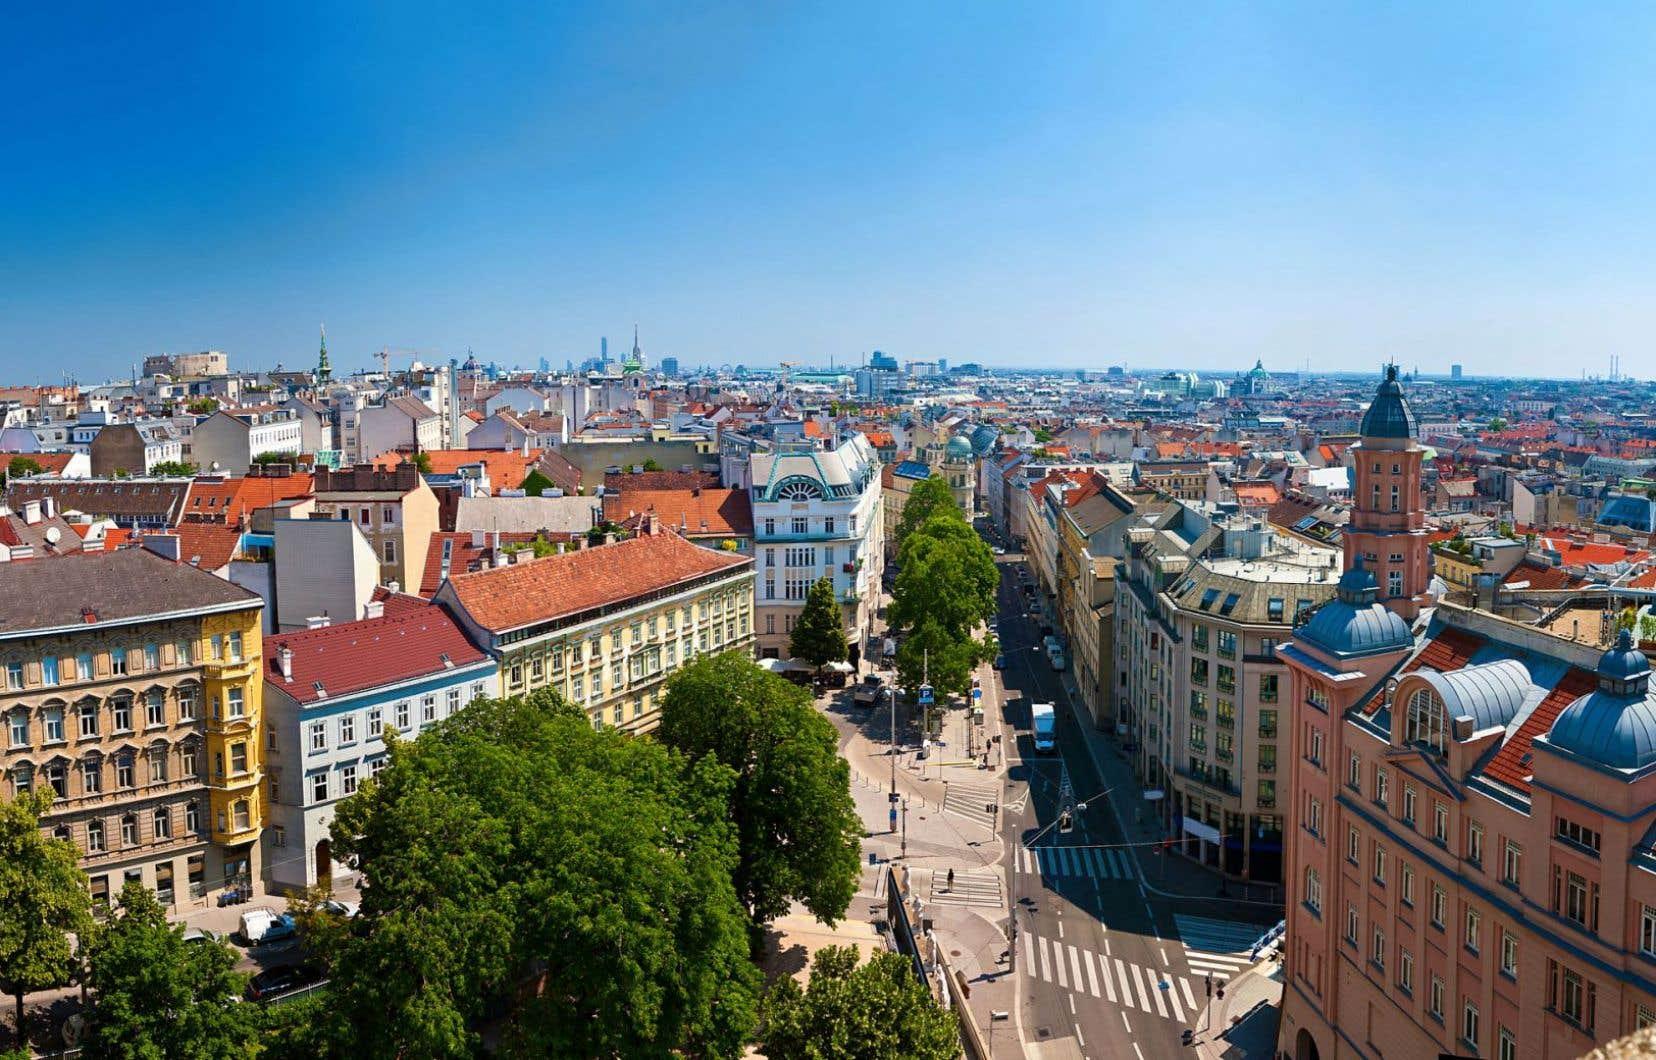 Vue sur Vienne, en Autriche. Le classement s'appuie autant sur les conditions sociales et économiques que sur les services publics, entre autres facteurs.